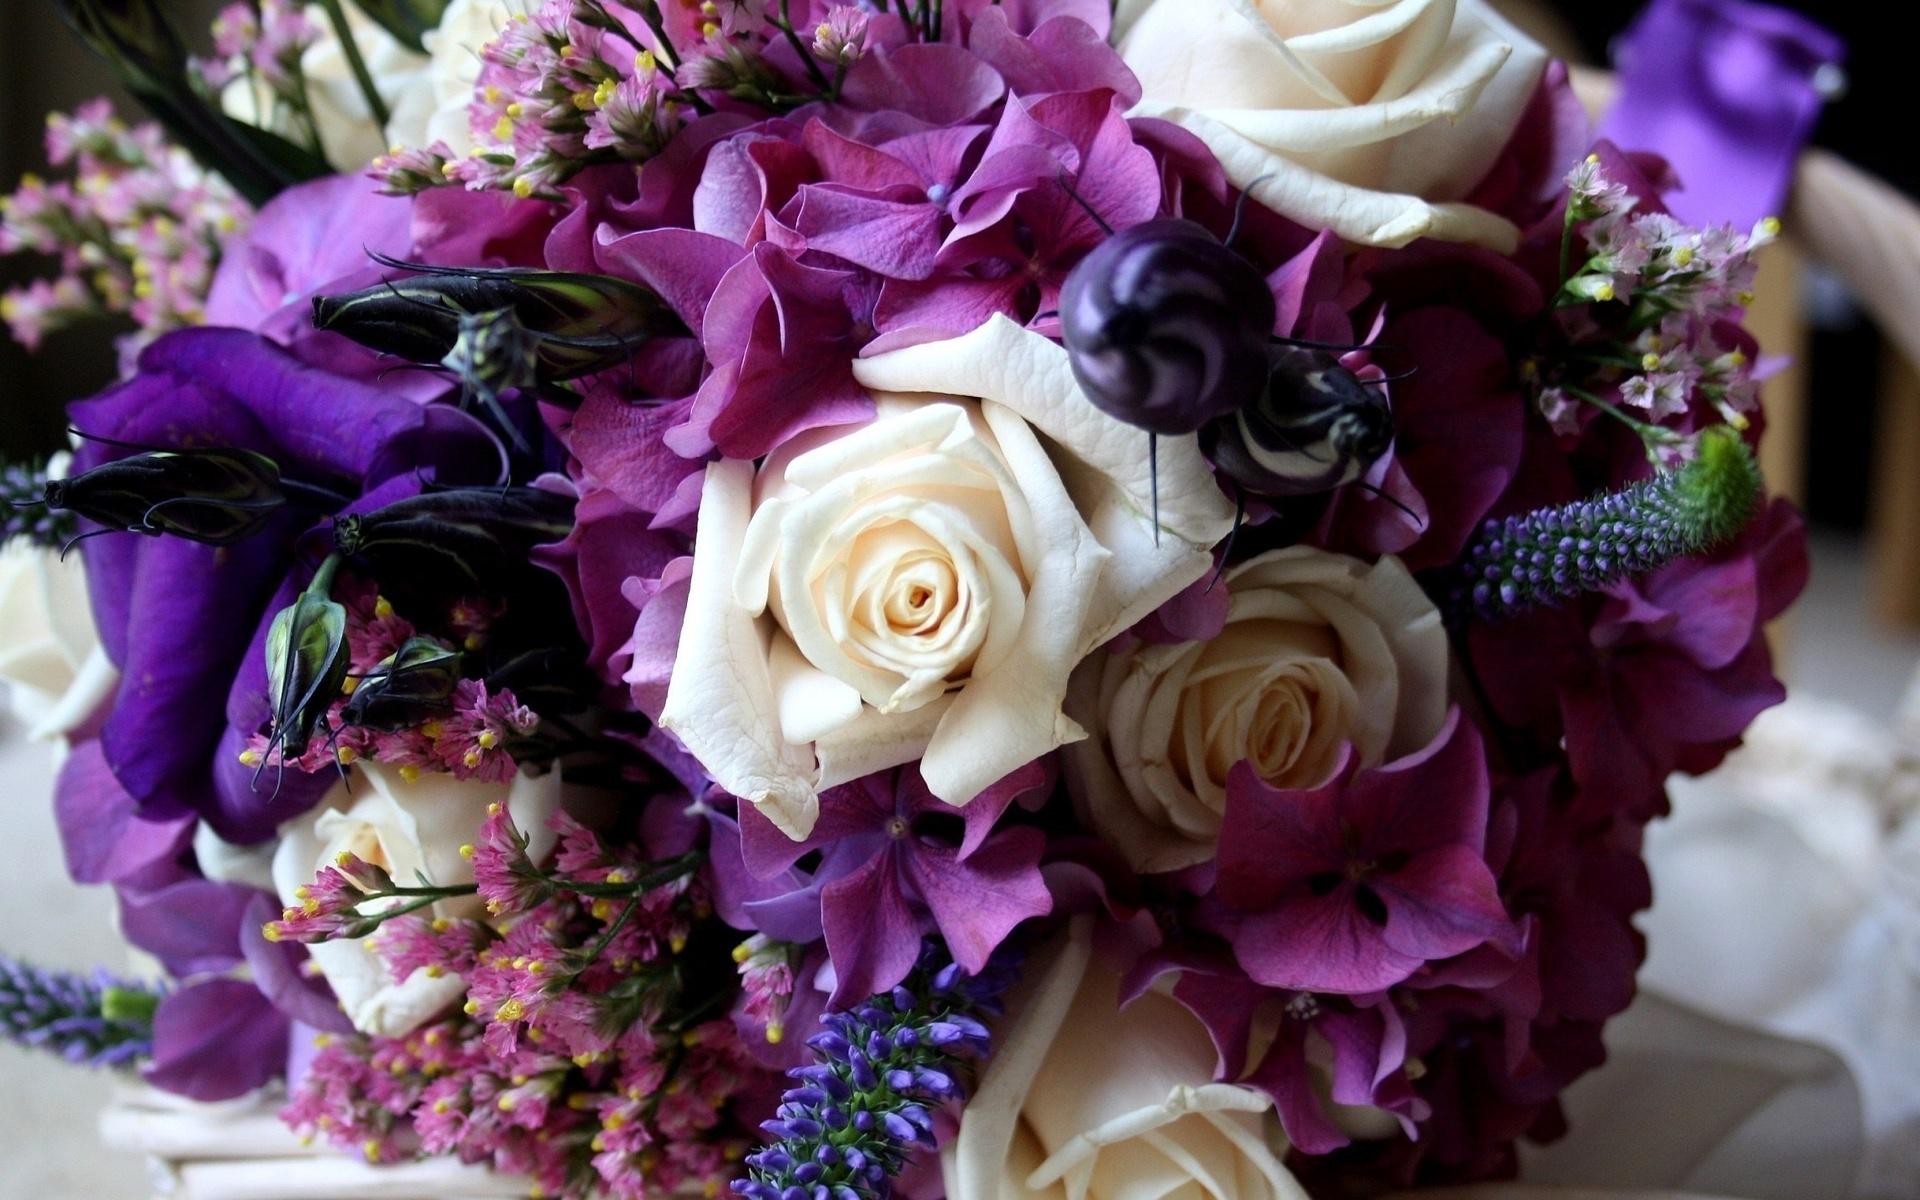 фото шикарного букета цветов высокого разрешения ним